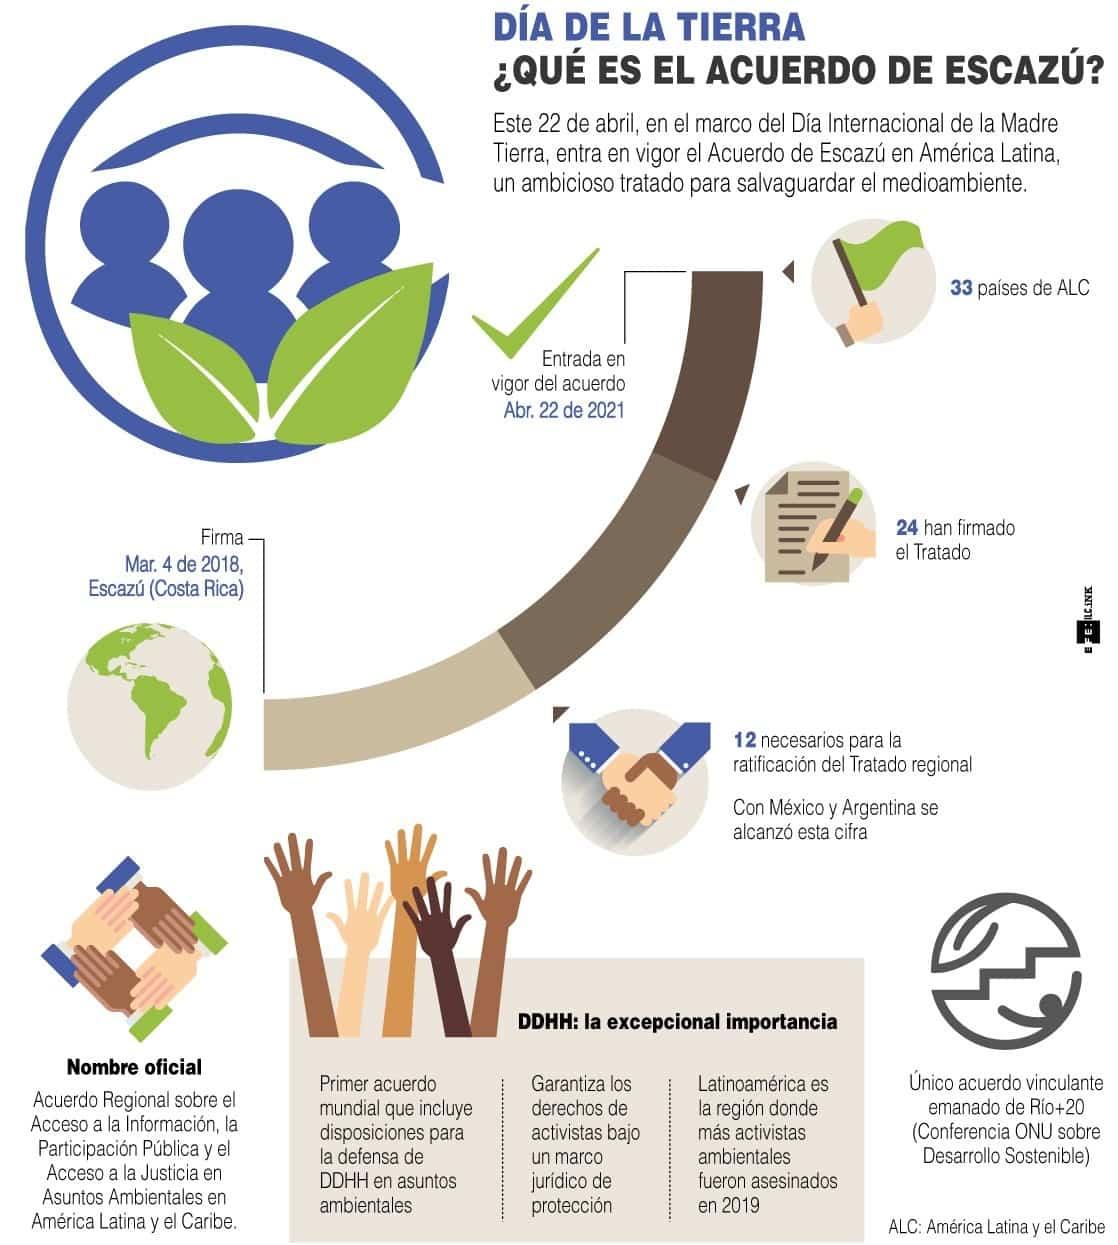 [Infografía] - Día de la Tierra - ¿Qué es el Acuerdo de Escazú? 1